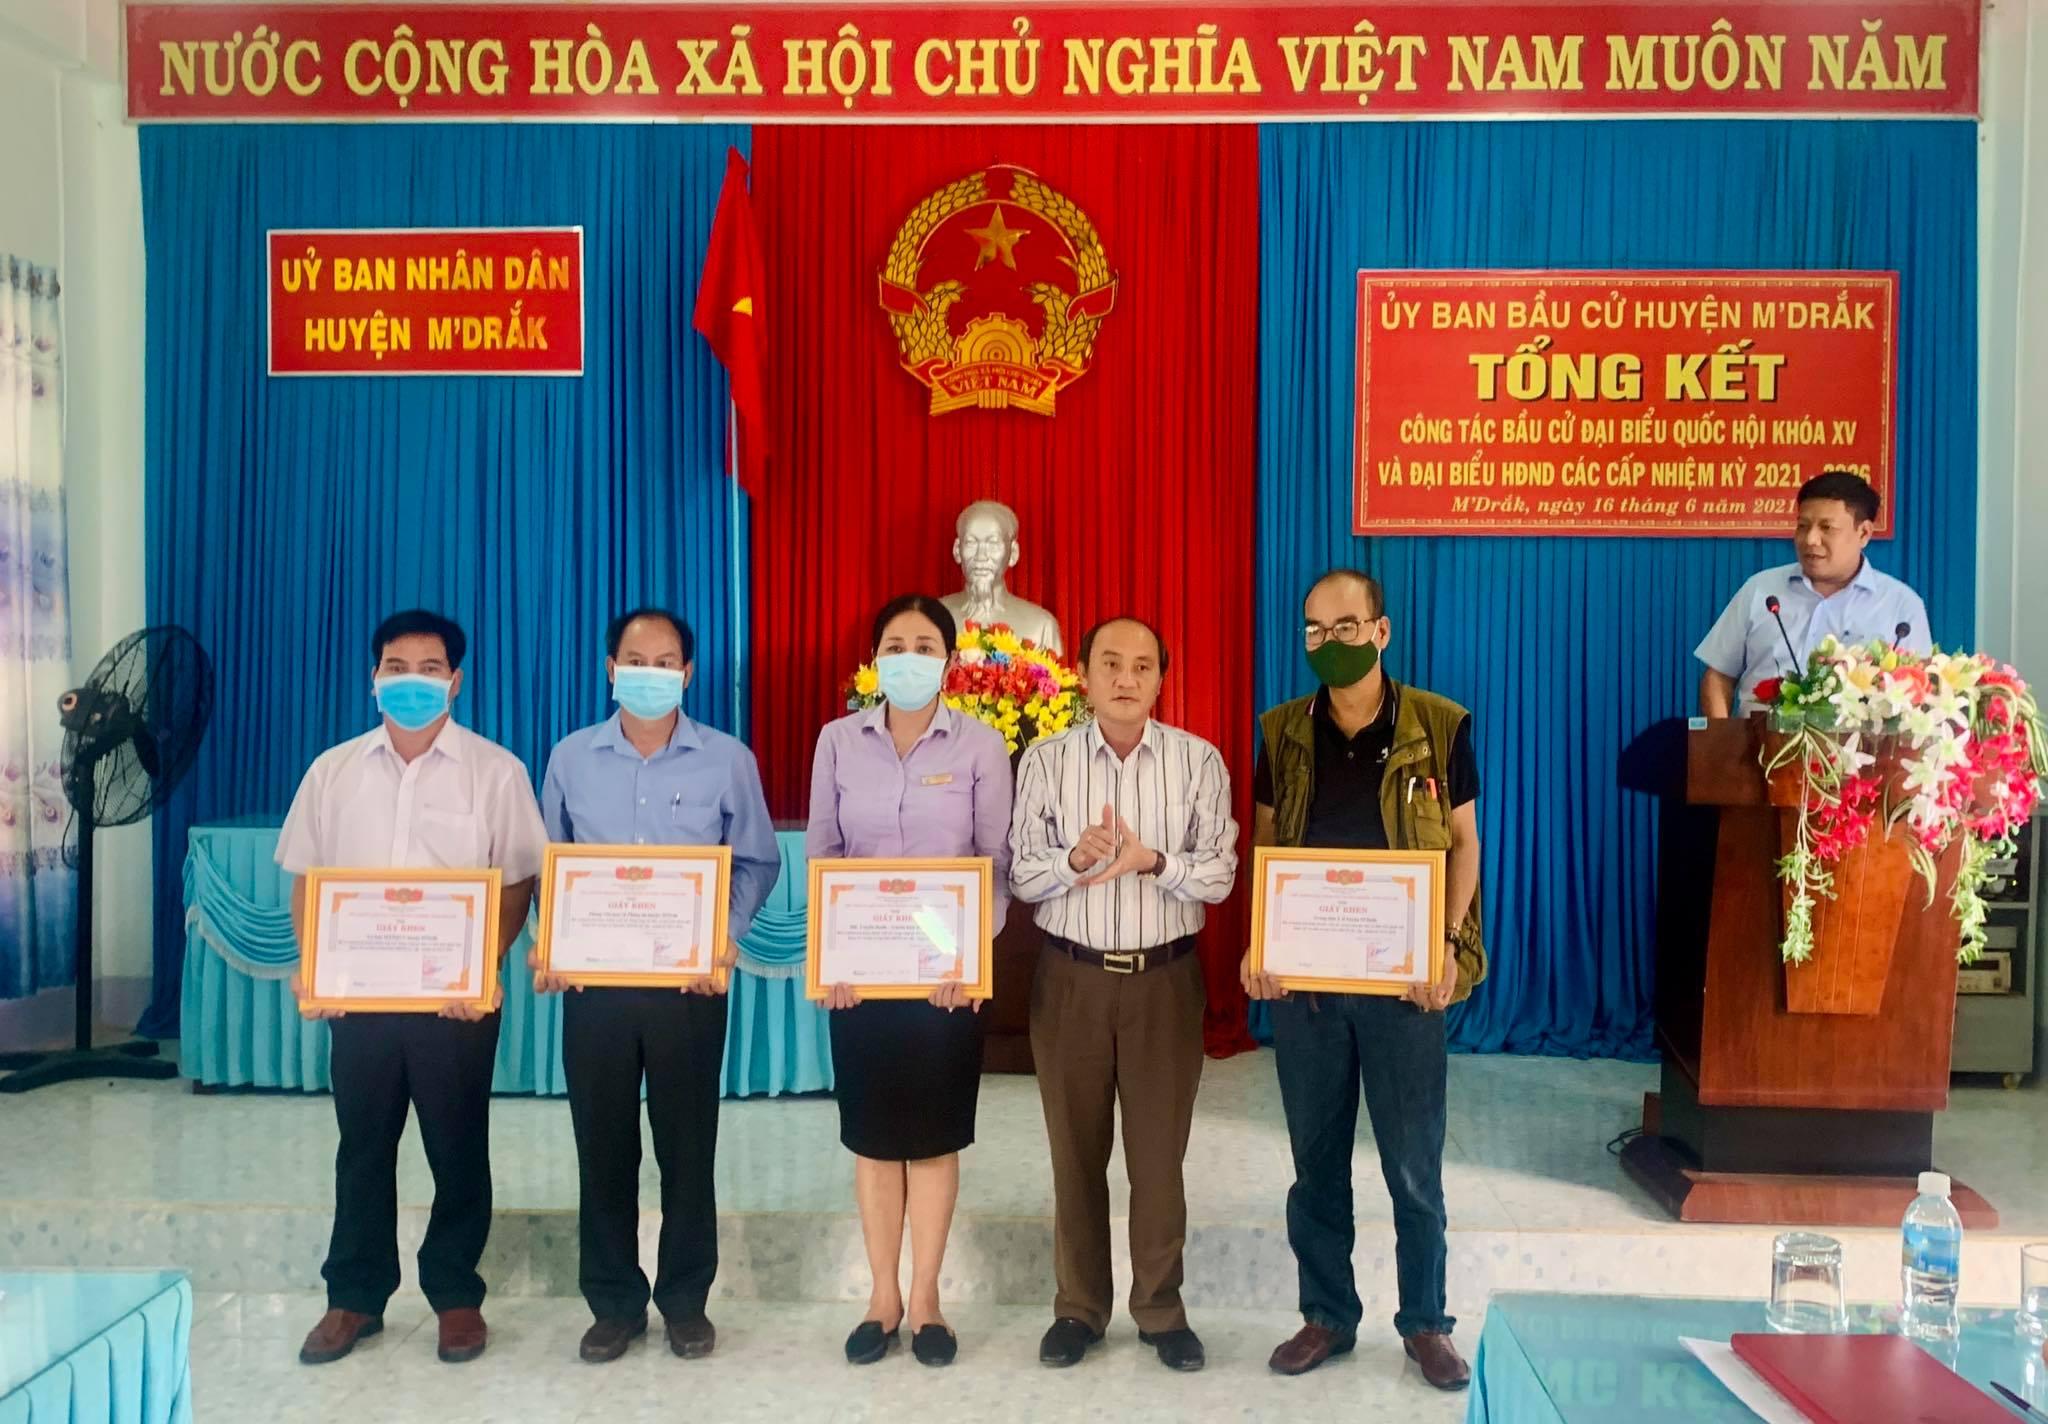 Huyện M'Drắk tổng kết công tác bầu cử Đại biểu Quốc hội khoá XV và HĐND các cấp nhiệm kỳ 2021-2026